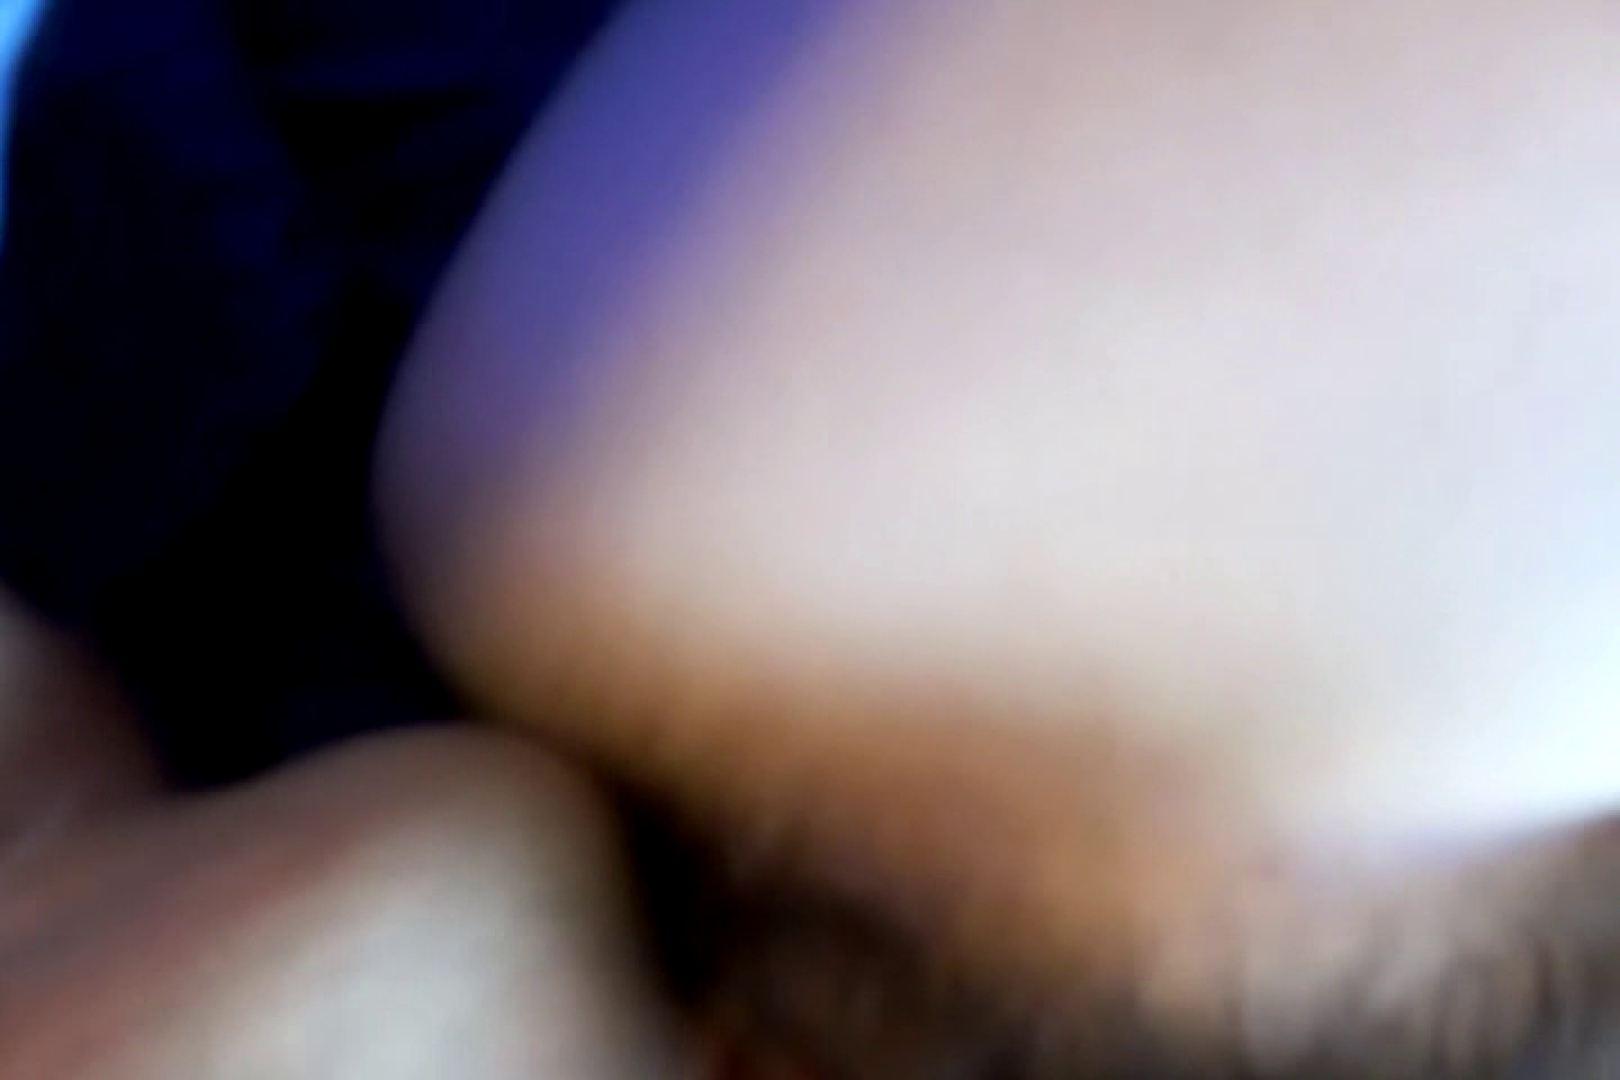 ウイルス流出 レオ&マンコのアルバム マンコがいっぱい のぞき動画キャプチャ 105pic 32